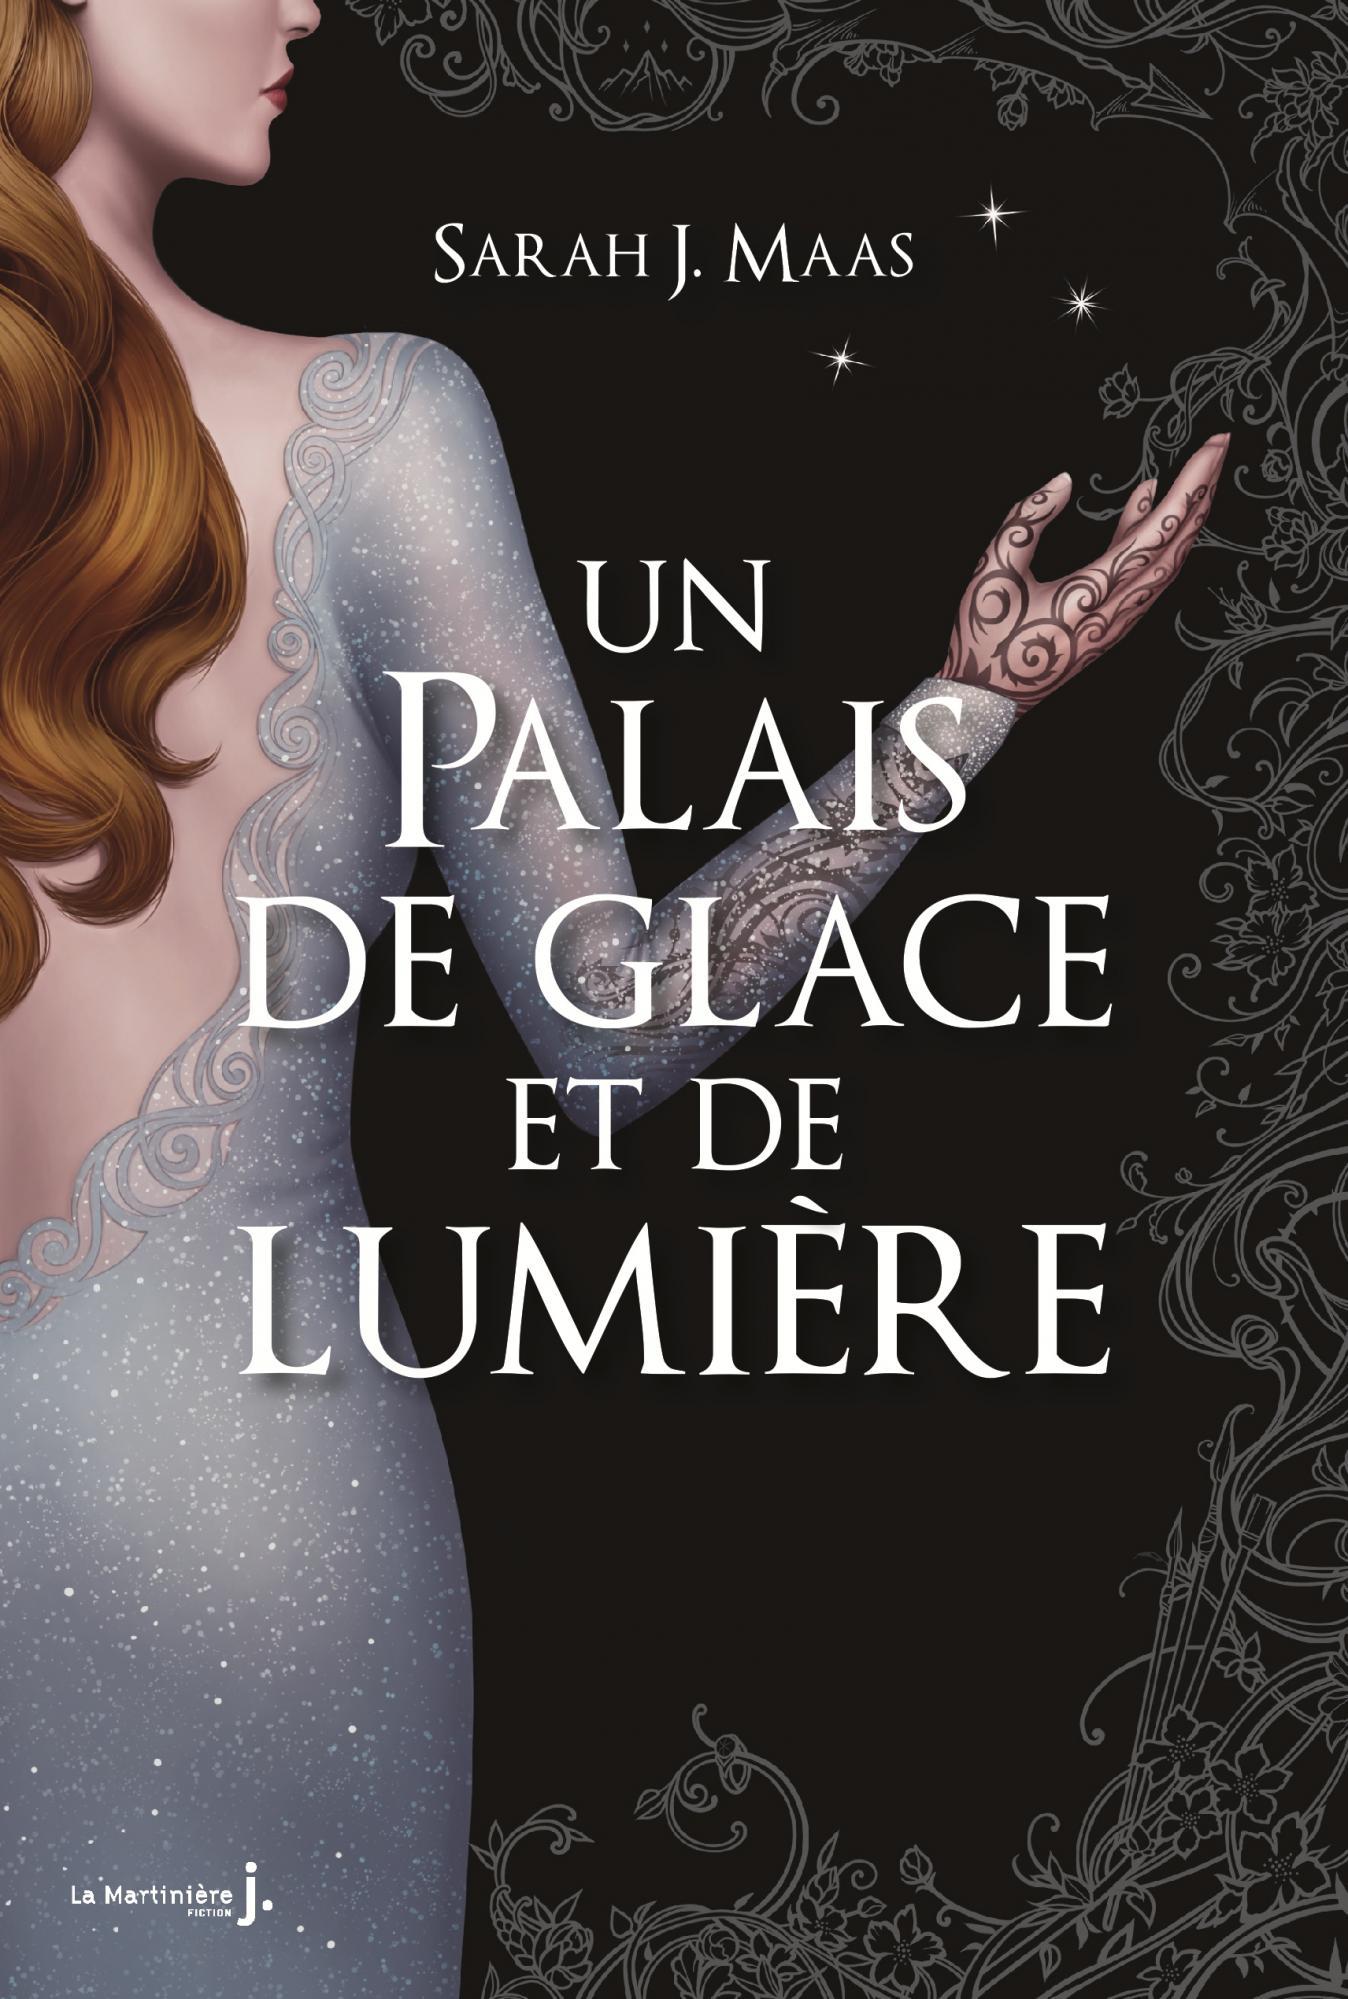 Un palais – Tome 4 : Un palais de glace et de lumière écrit par Sarah J. Maas